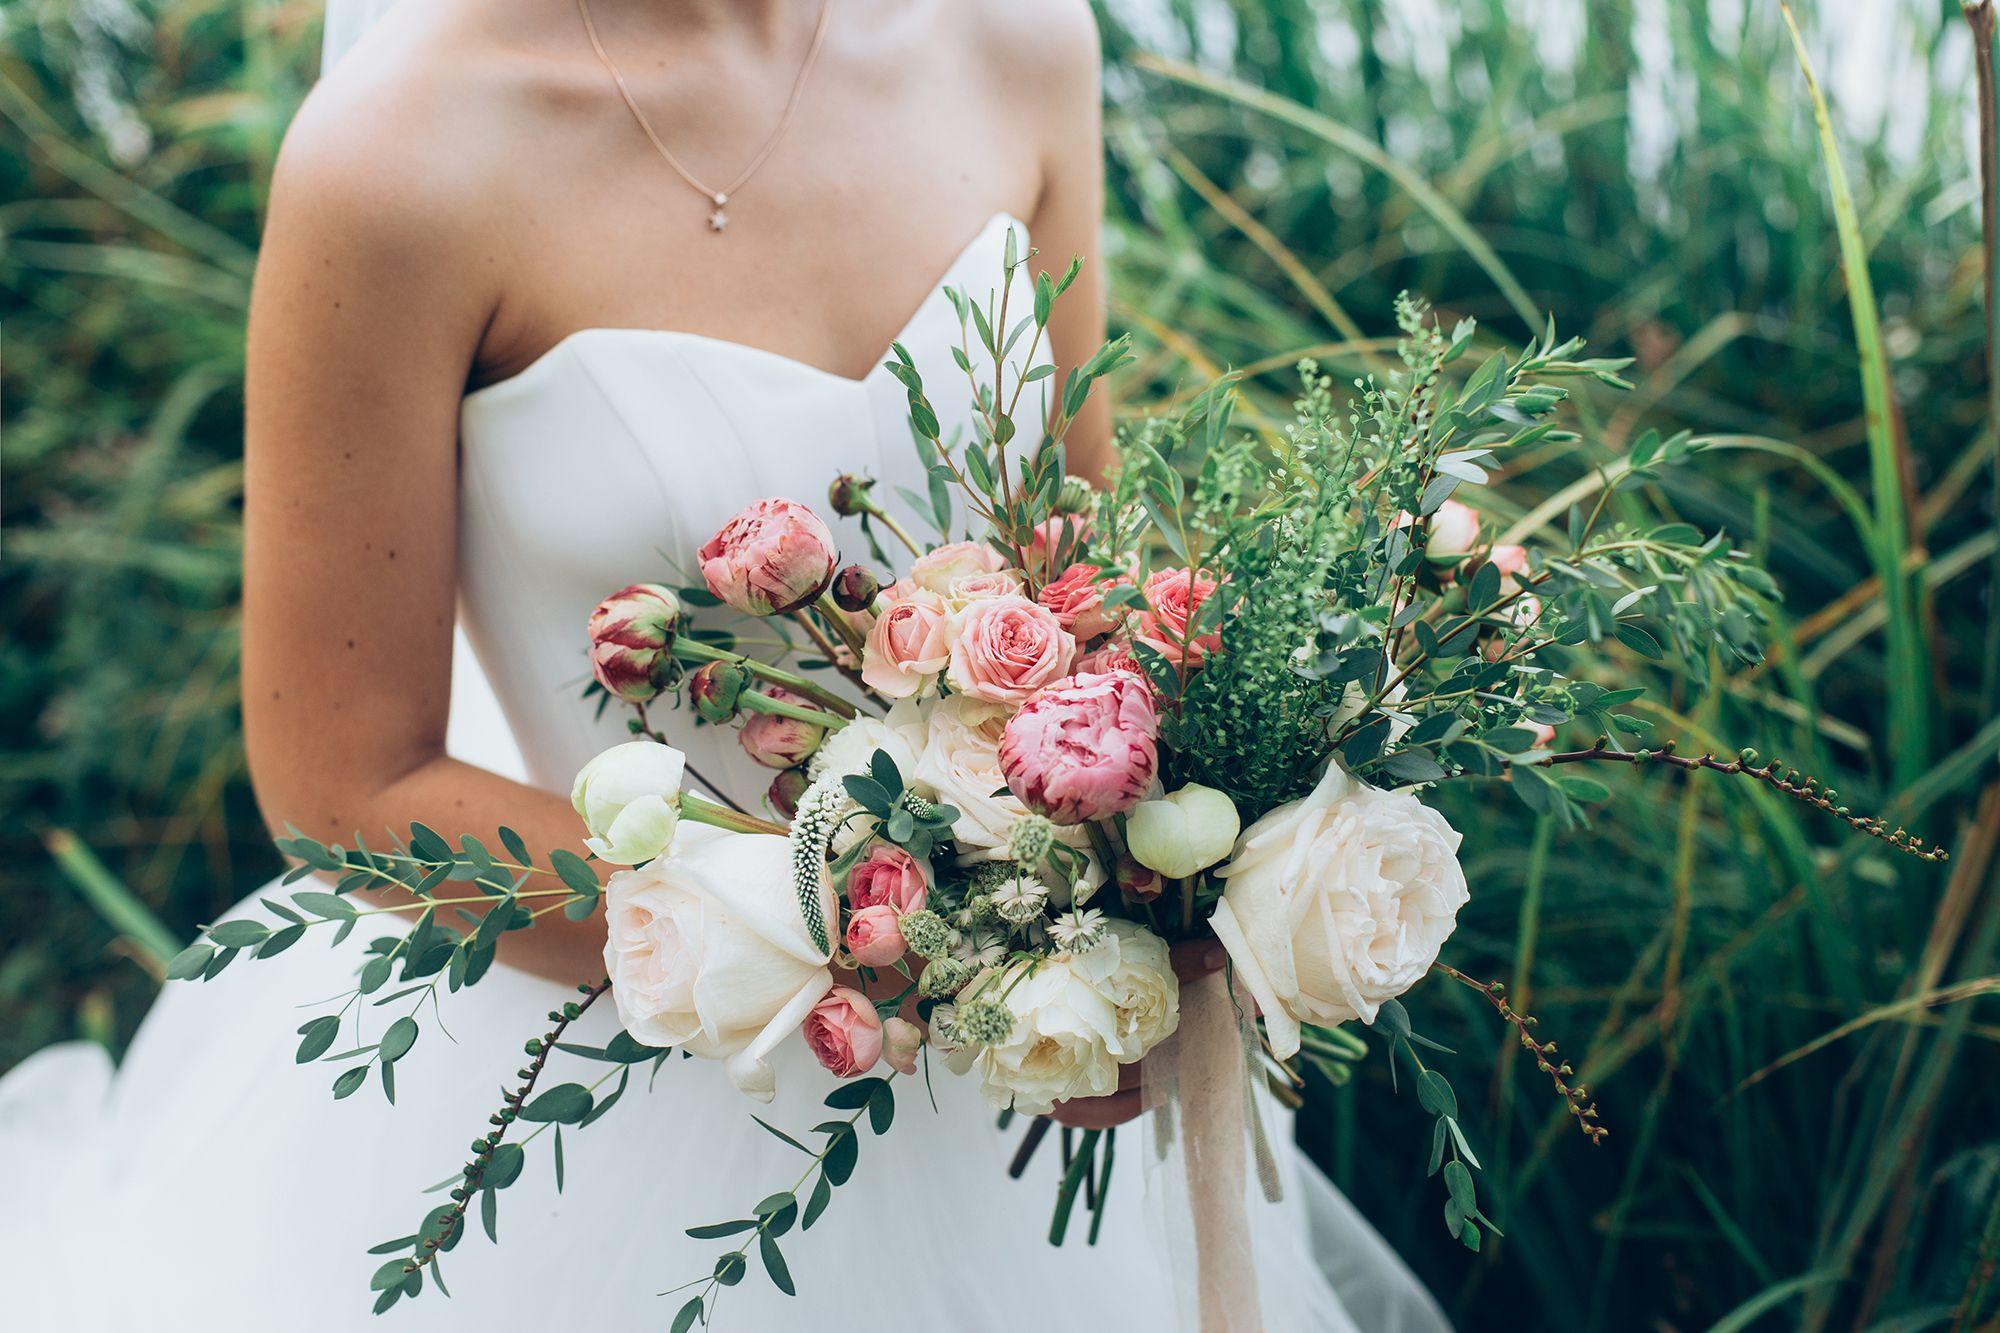 Bouquet Sposa Non Ti Scordar Di Me.Bouquet Sposa Quali Fiori Scegliere Al Matrimonio